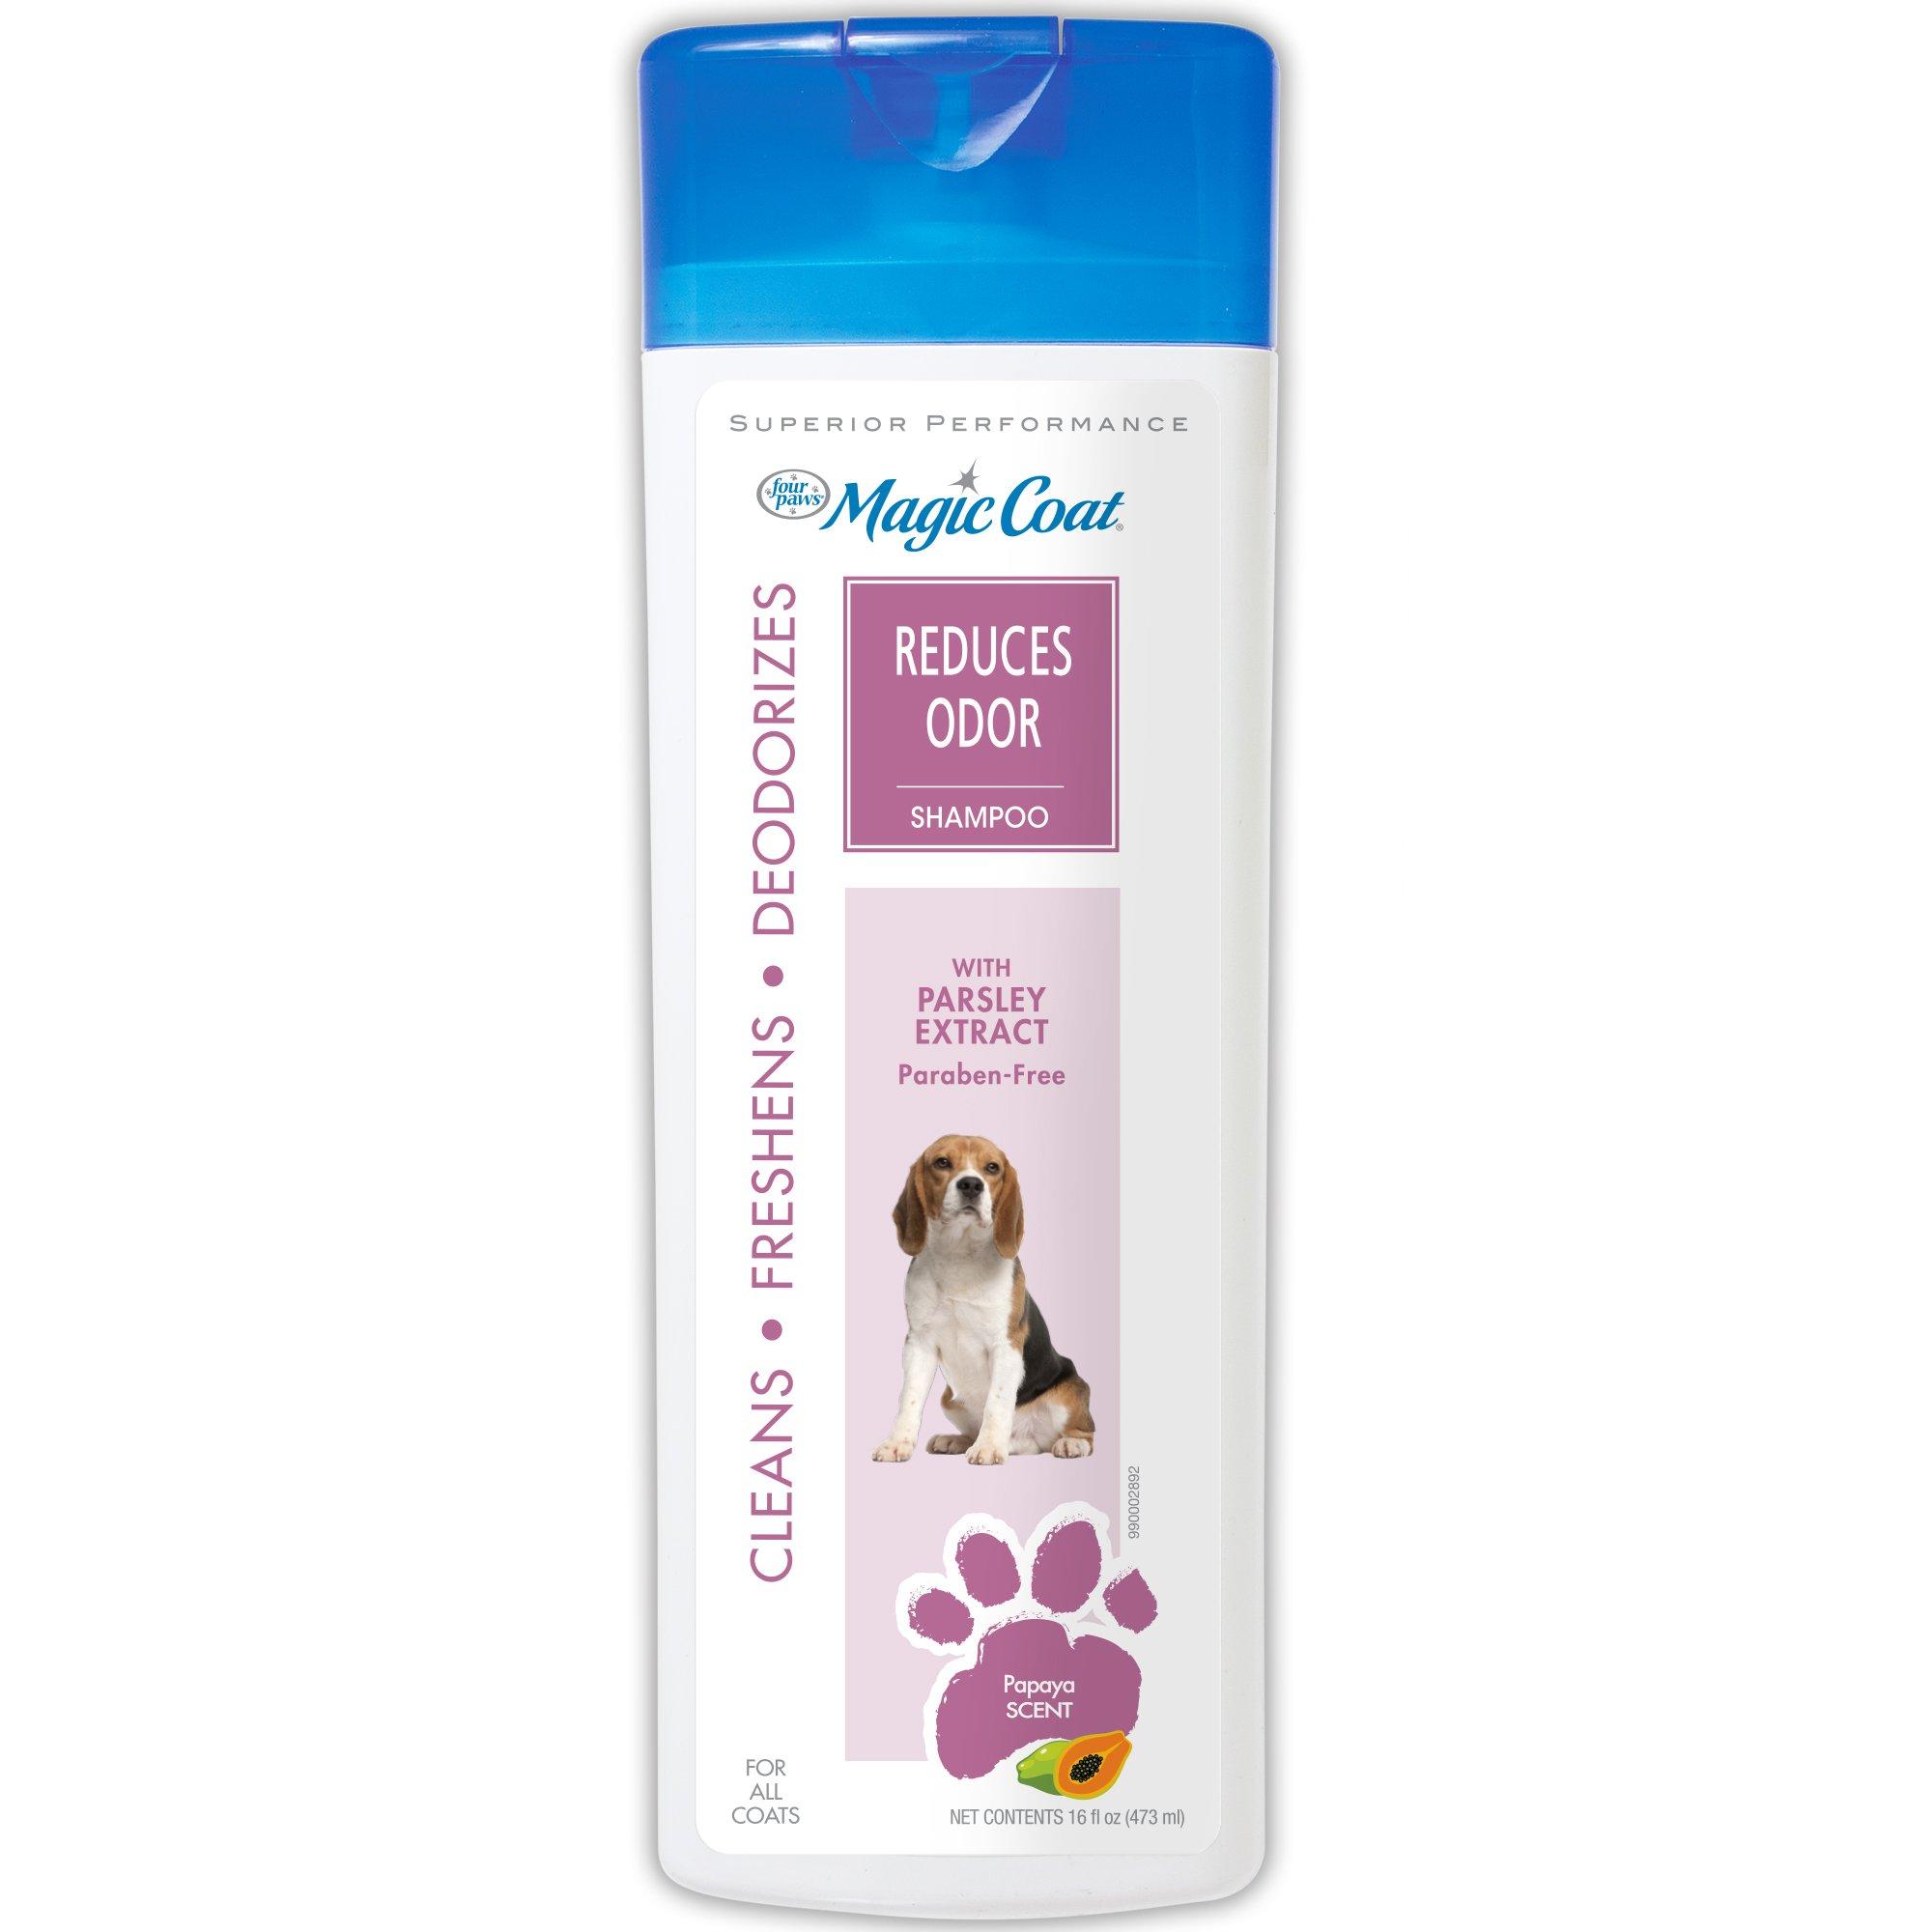 Four Paws Magic Coat Reduces Odor Dog Shampoo